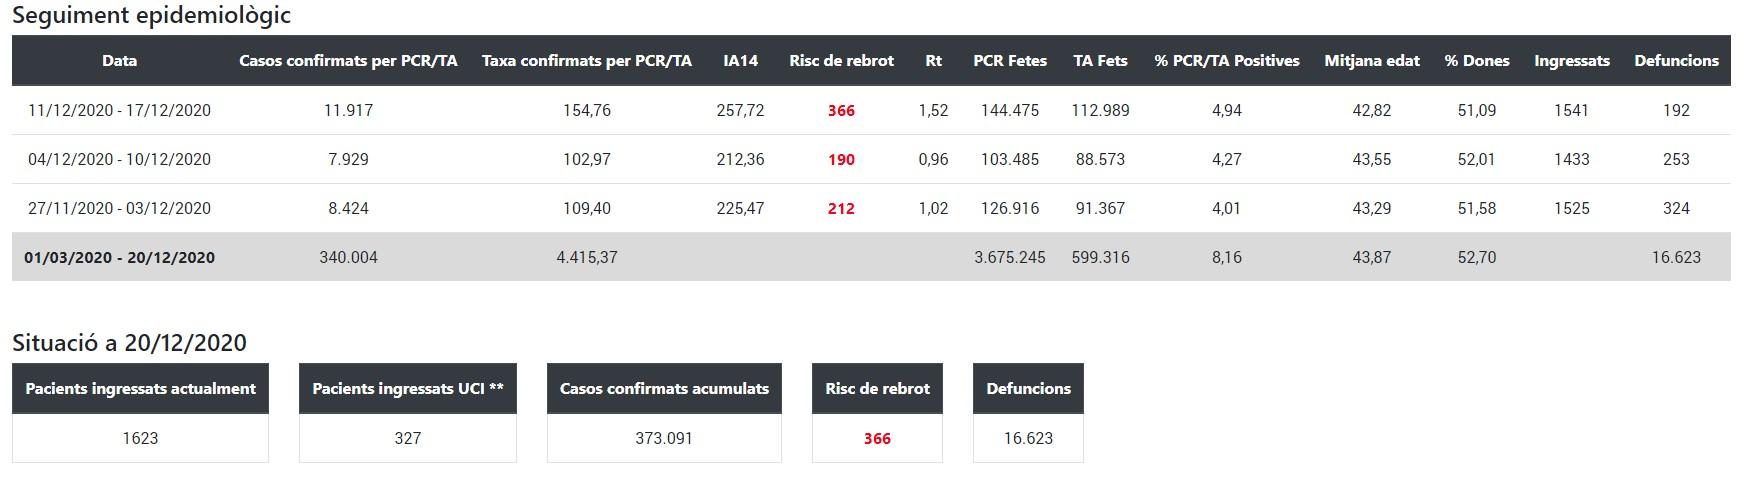 Seguiment epidemiològic a Catalunya